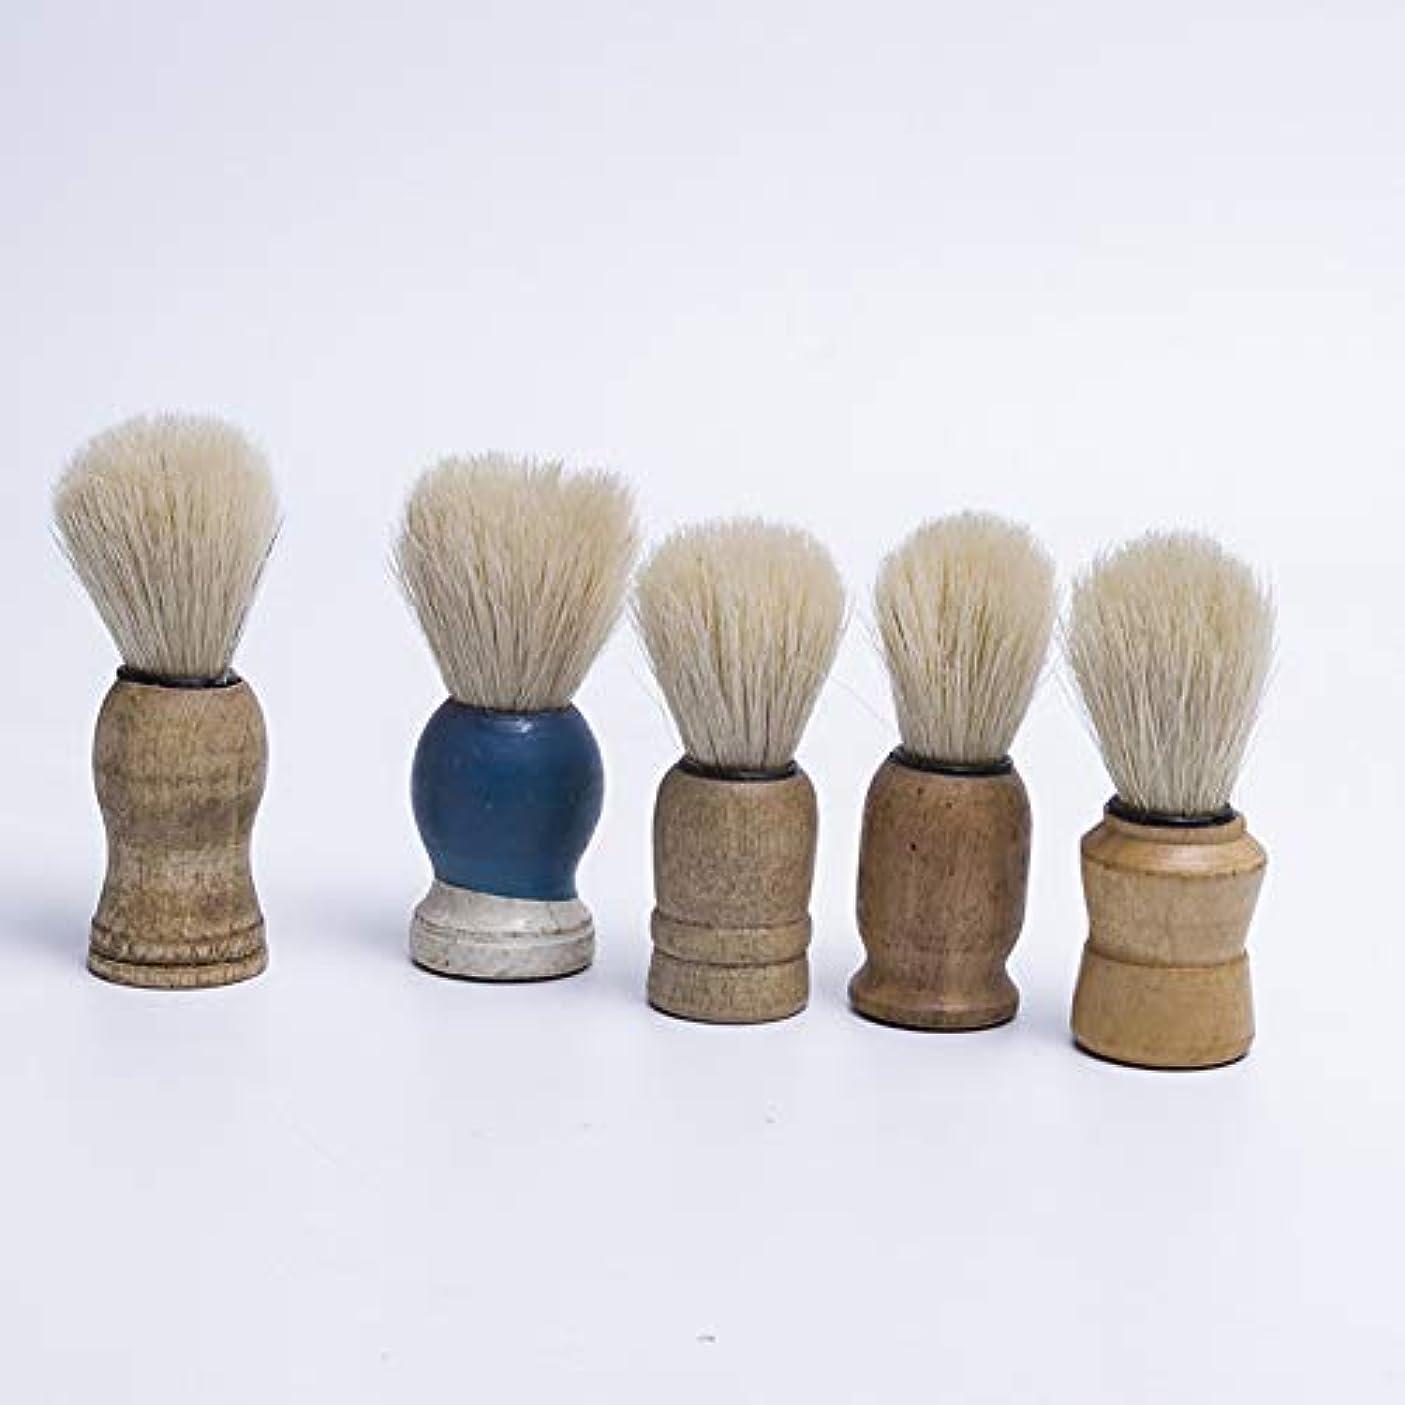 幸福美容師キャッチACHICOO 木製 ハンドルが付いている人 髭そり ブラシ 大広間 クリーニング 電気器具 剃毛用具 ブラシを剃っている人